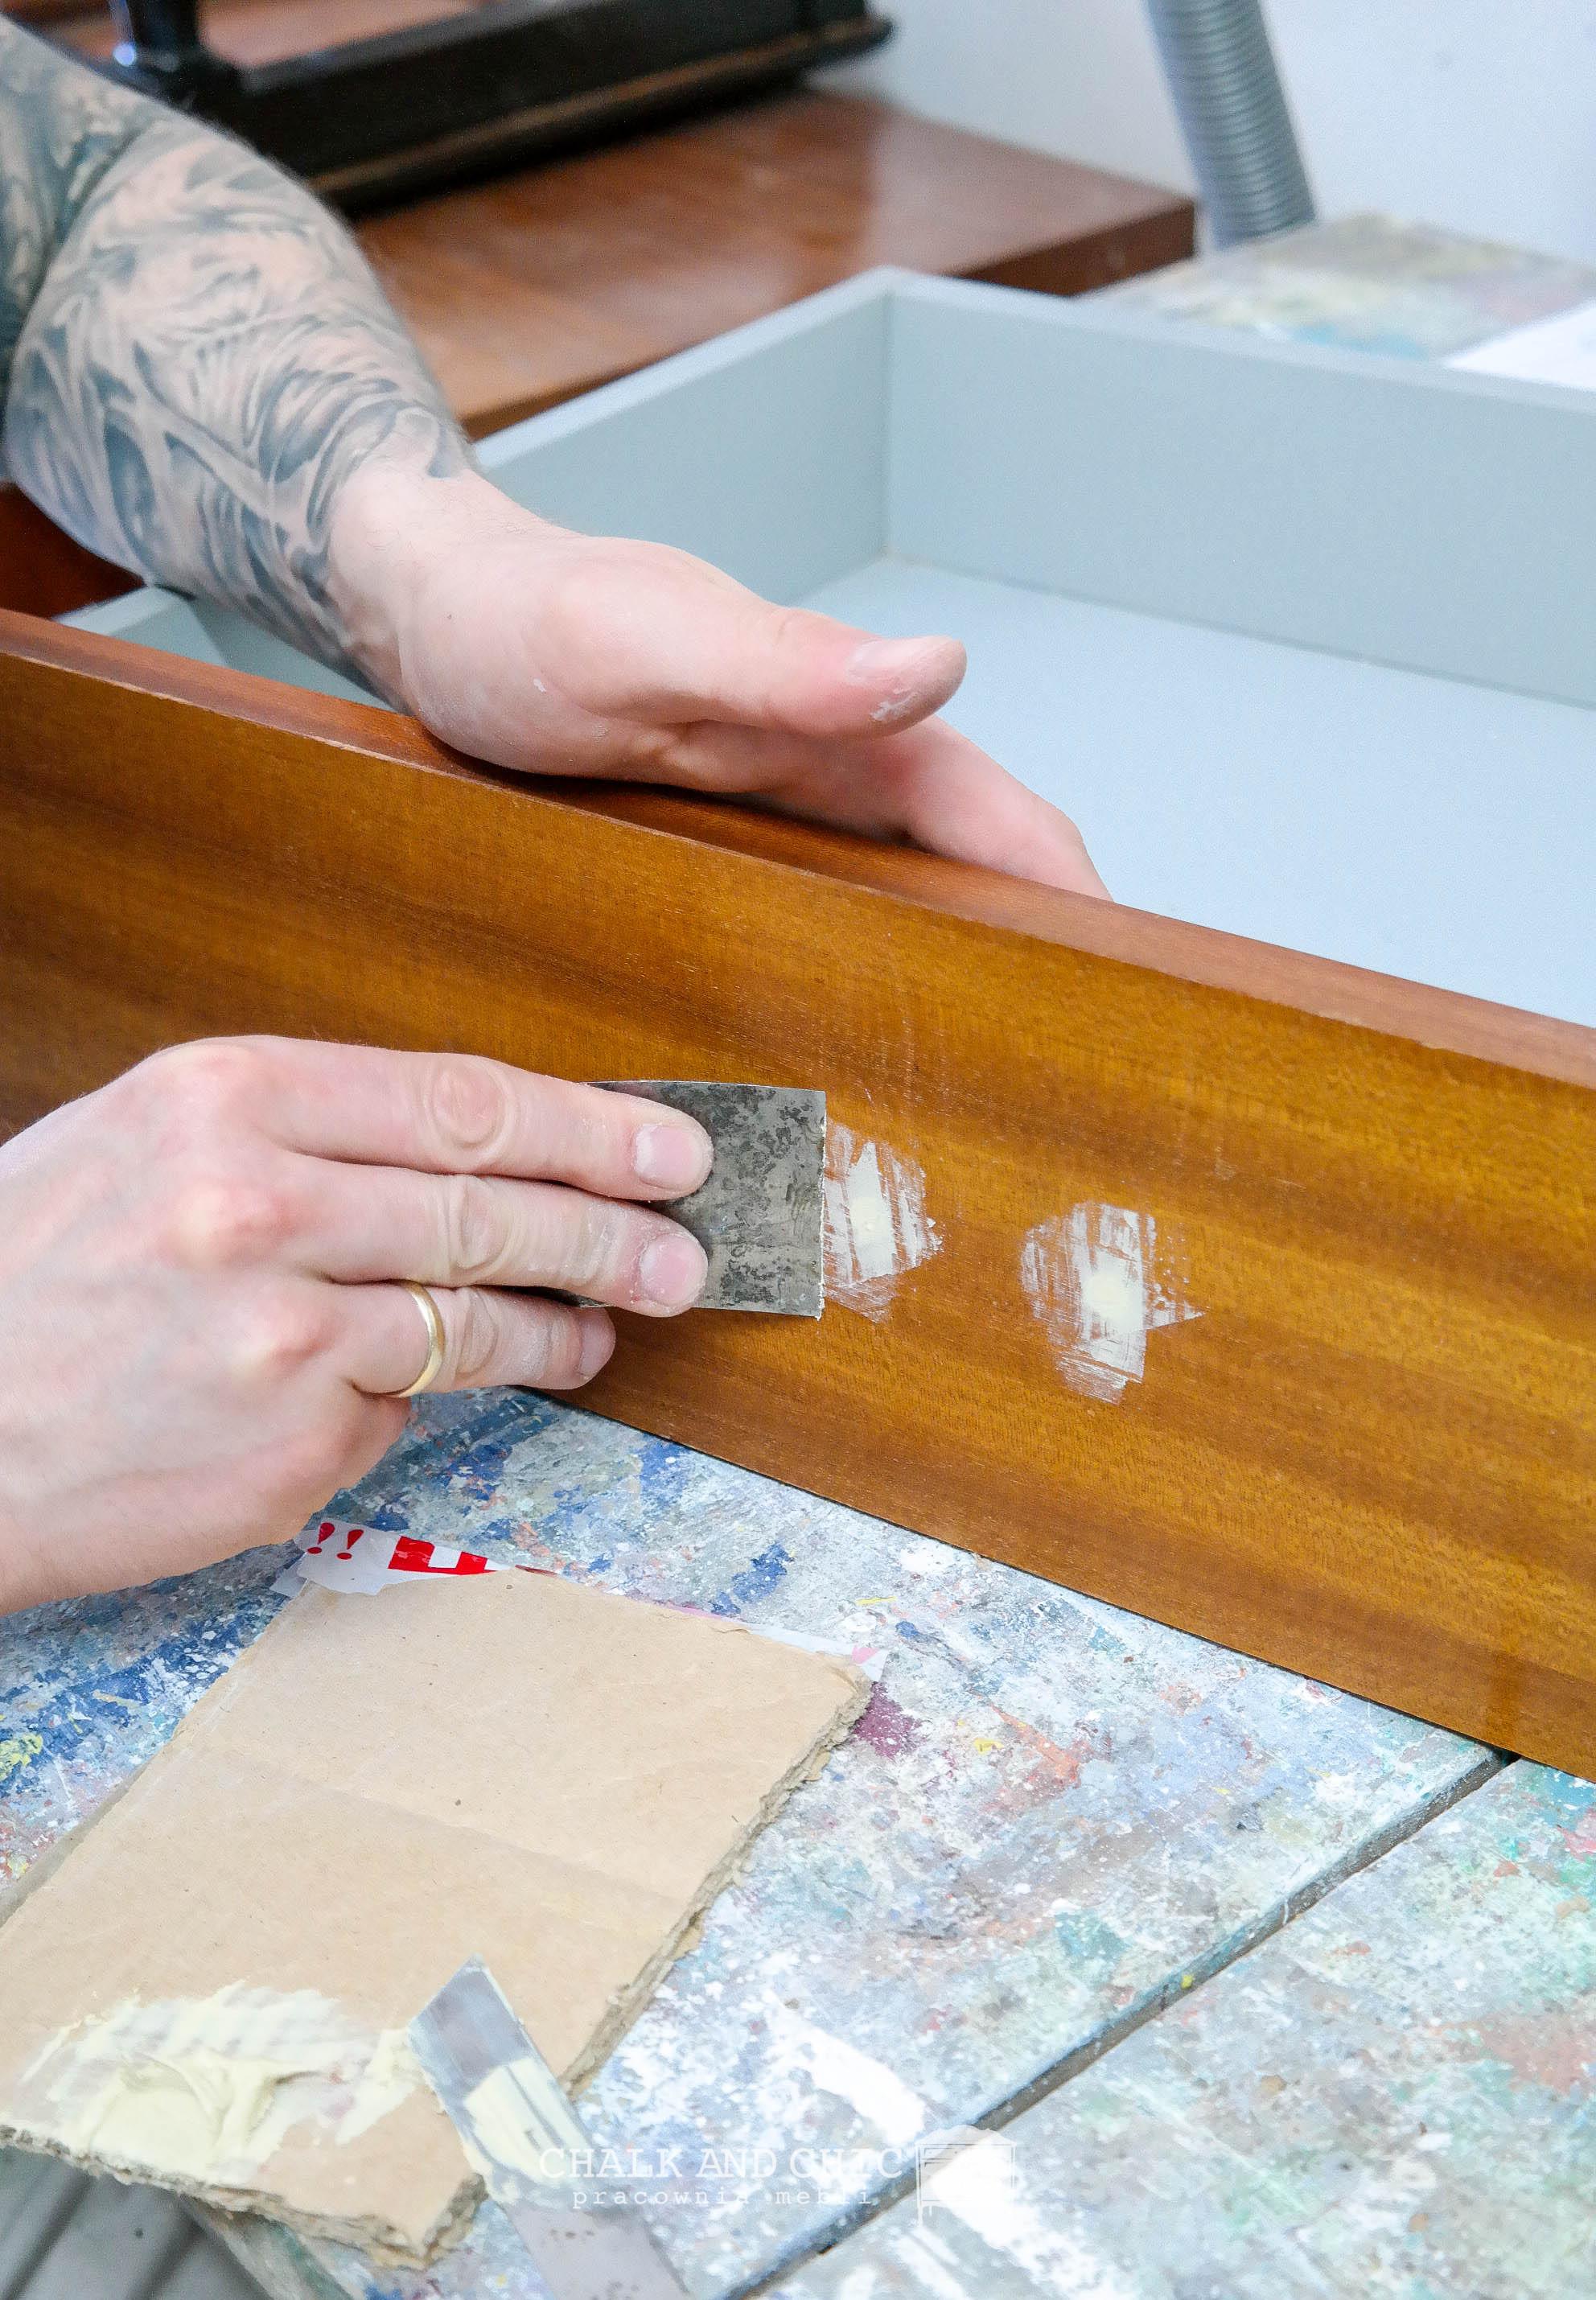 jak wypełnić dziure po starym uchwycie w meblu?